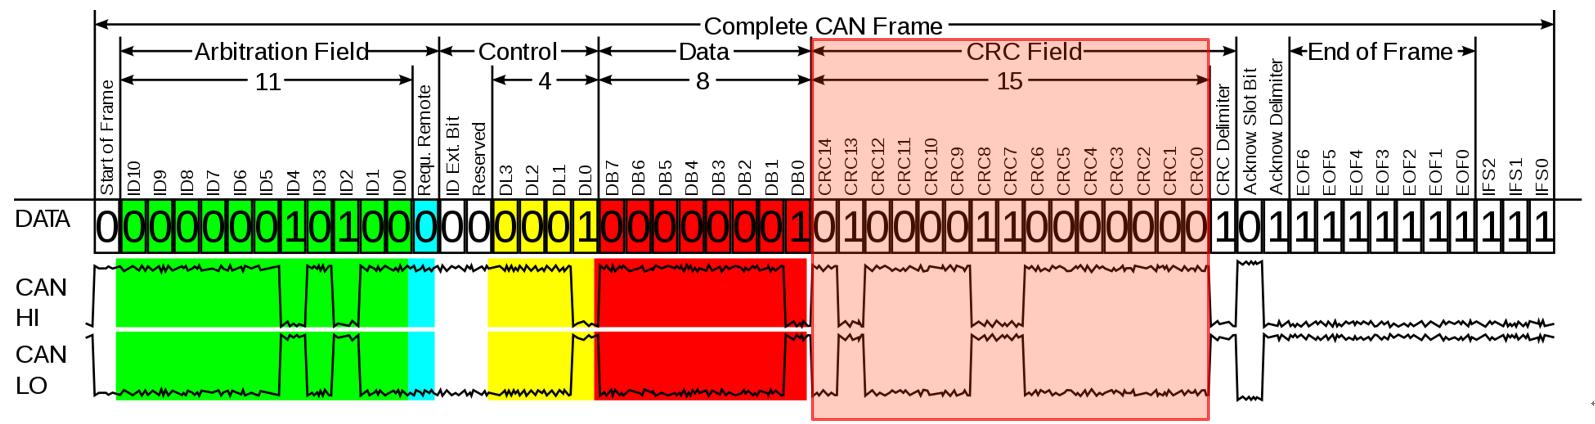 详解 CAN 及 CAN FD 通信中的循环冗余校验(CRC)大发3分3D方法